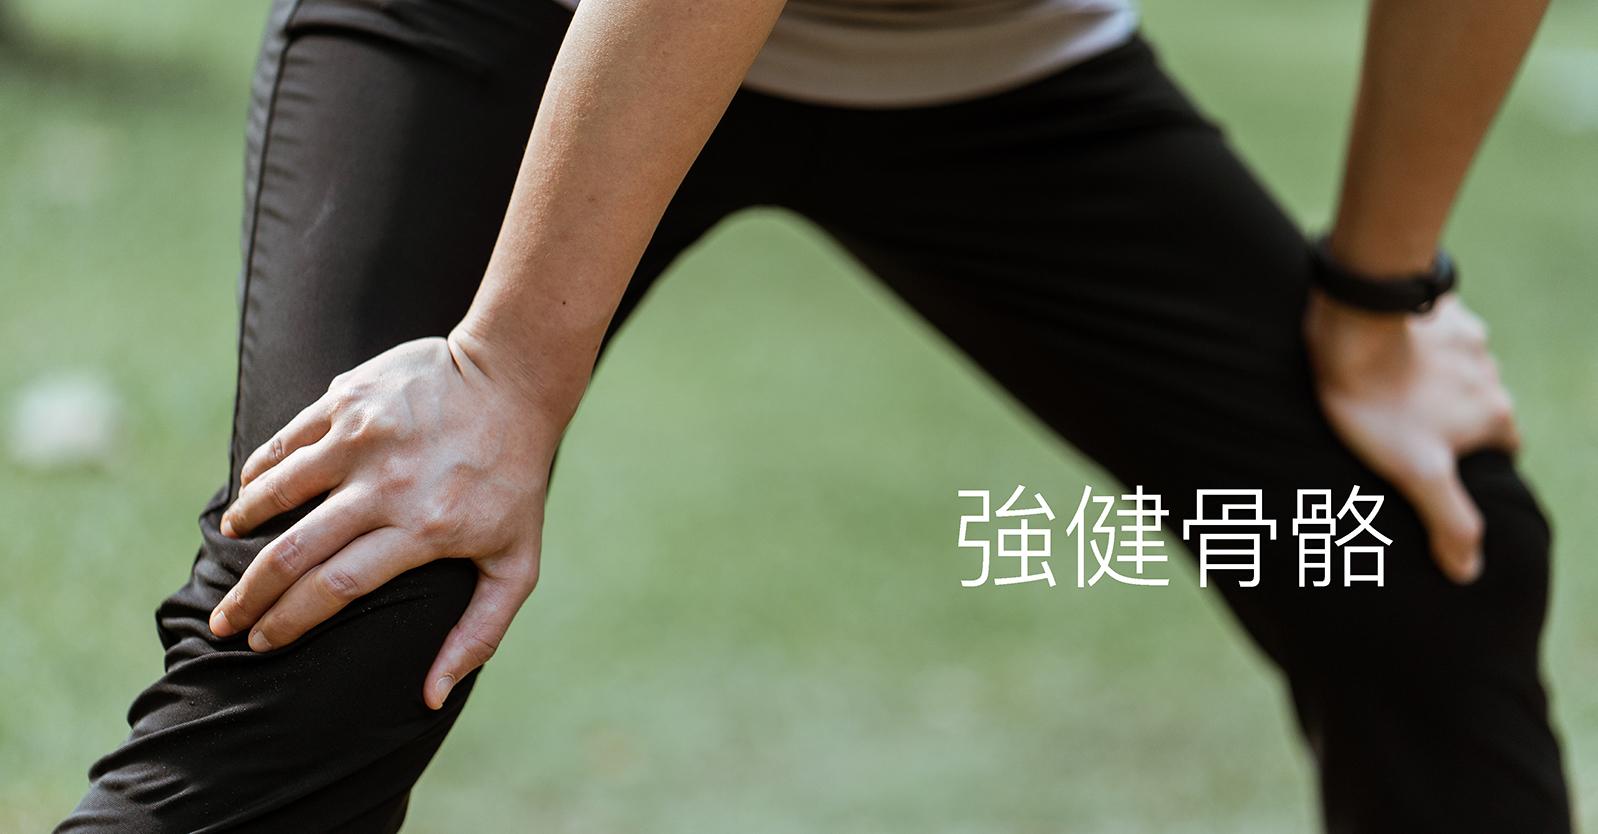 強健骨骼 = 鈣質是人體重要的營養元素,不論是老年人、成年人或小孩,大家都需要鈣質來維持骨骼健康,如果四肢經常抽筋或走路時肌肉容易覺得痠痛,就代表身體需要補充鈣質。